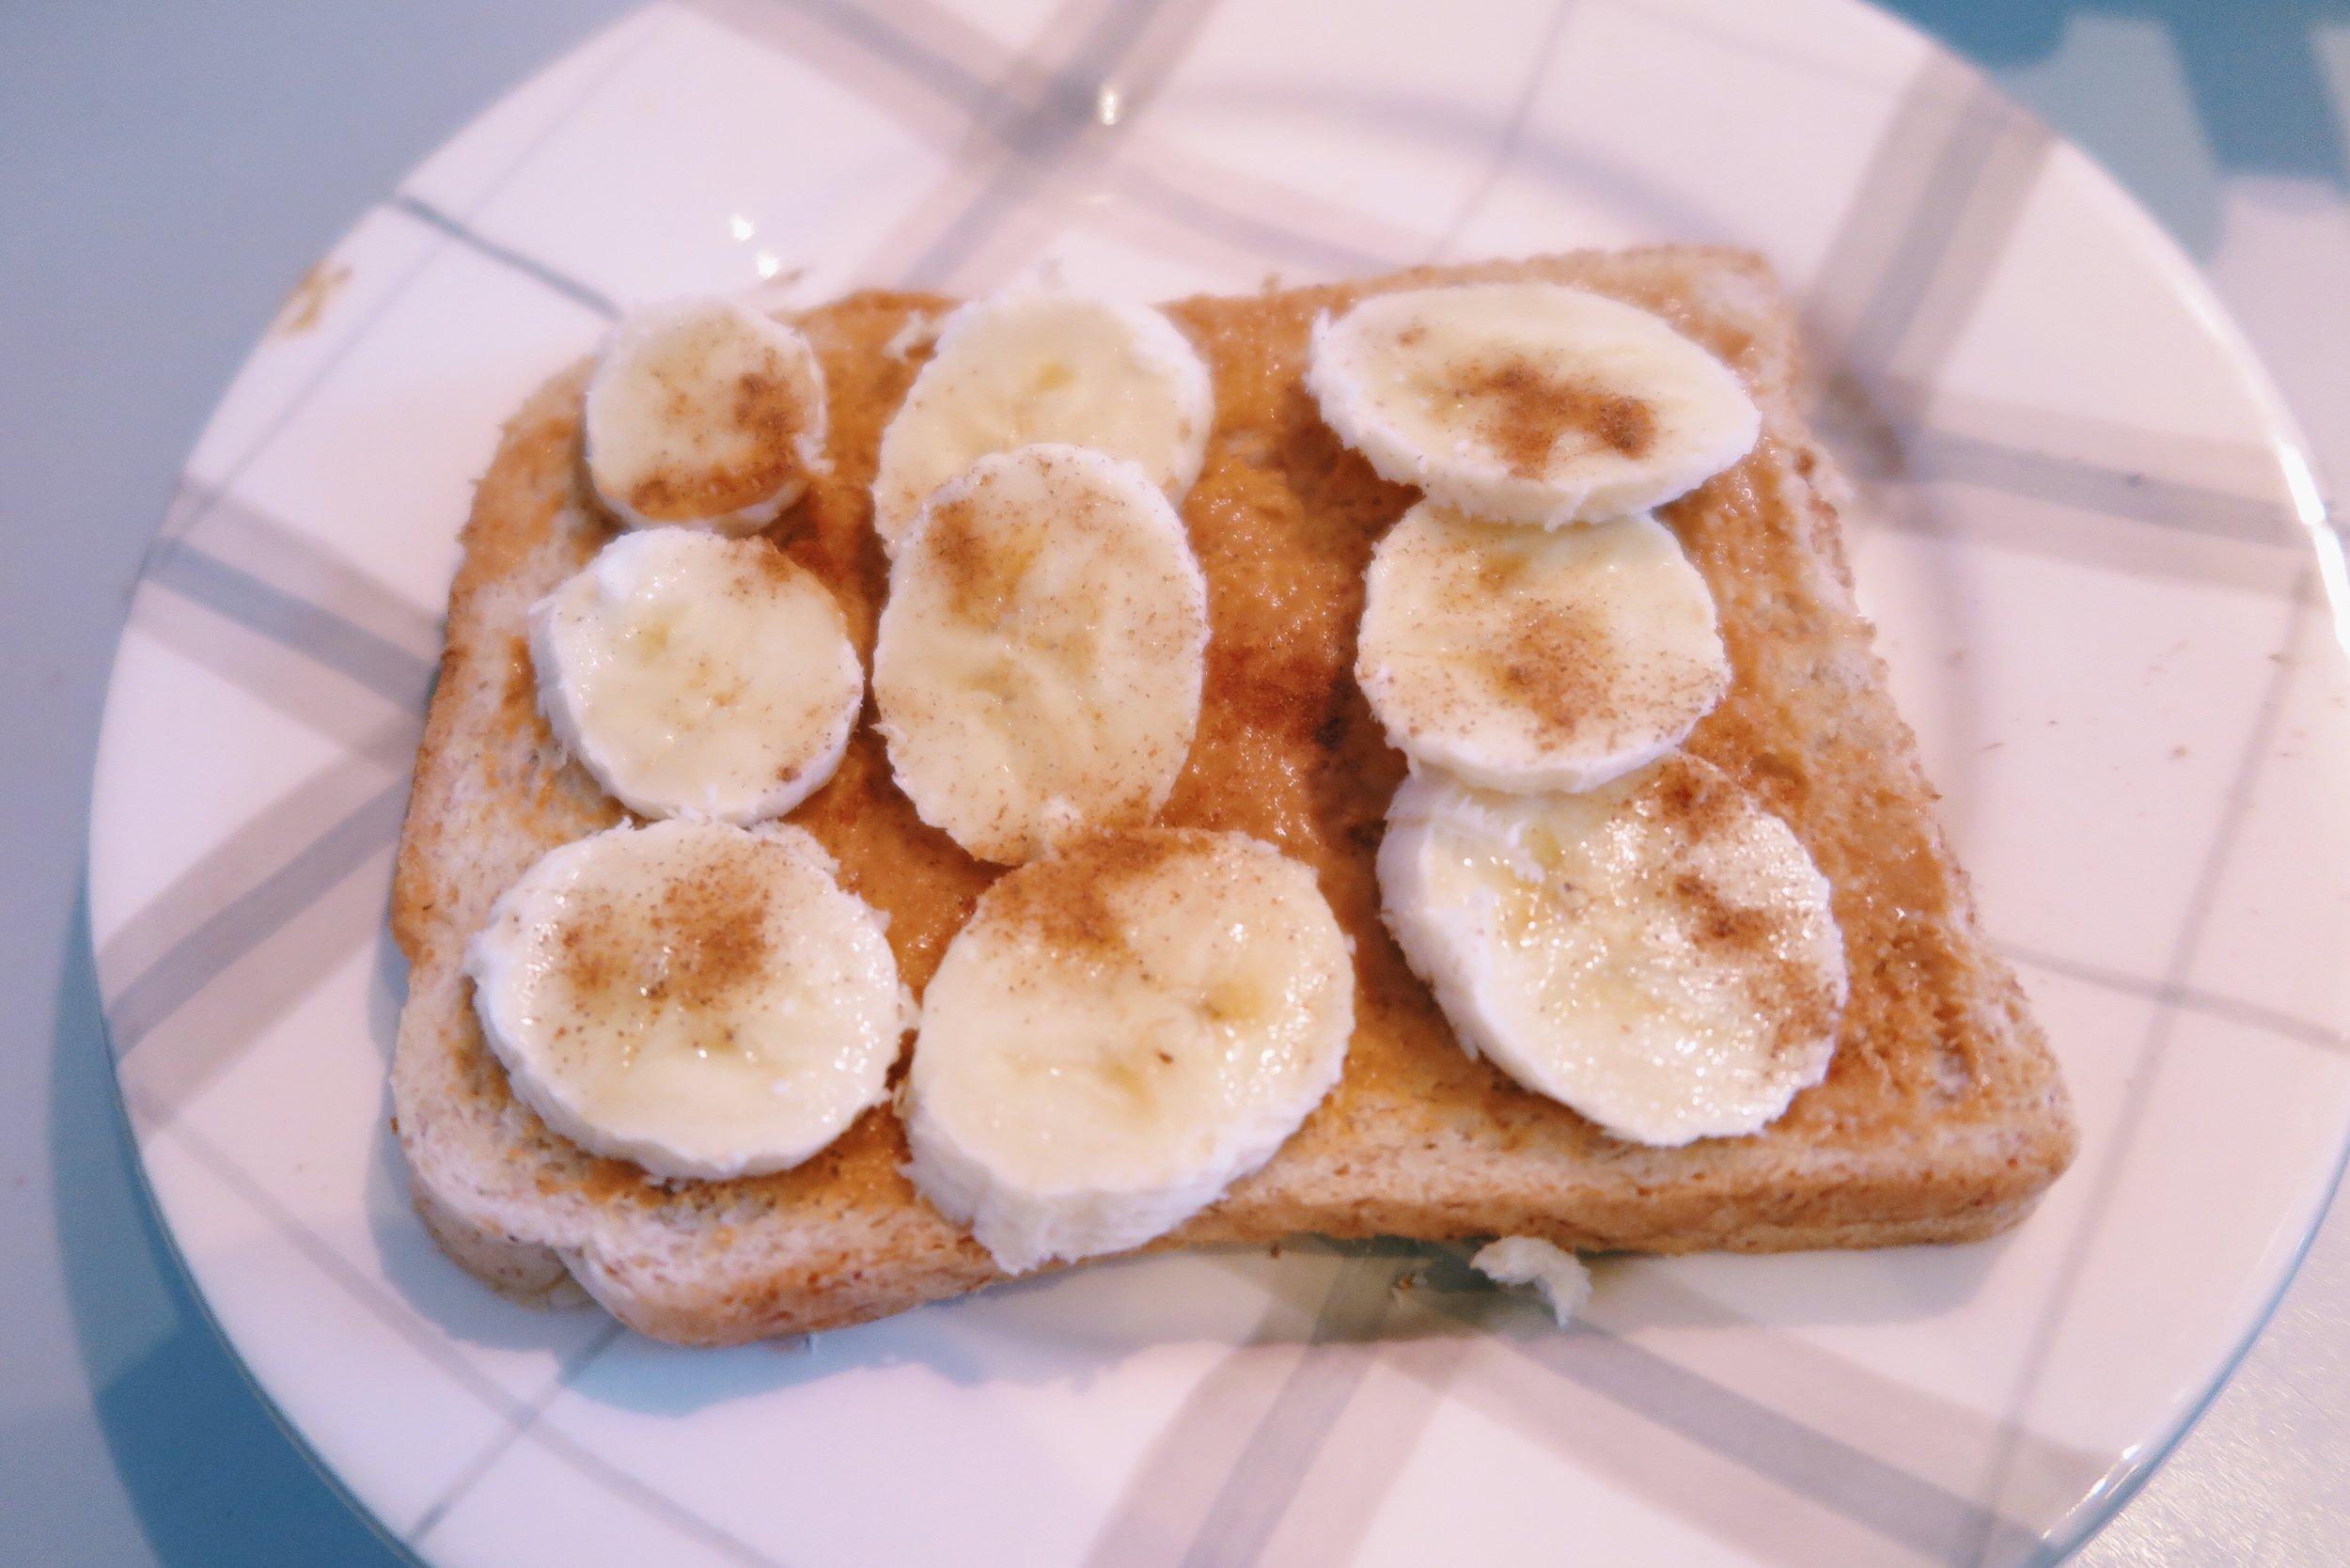 1.  Bread + peanut butter + sliced banana + cinnamon